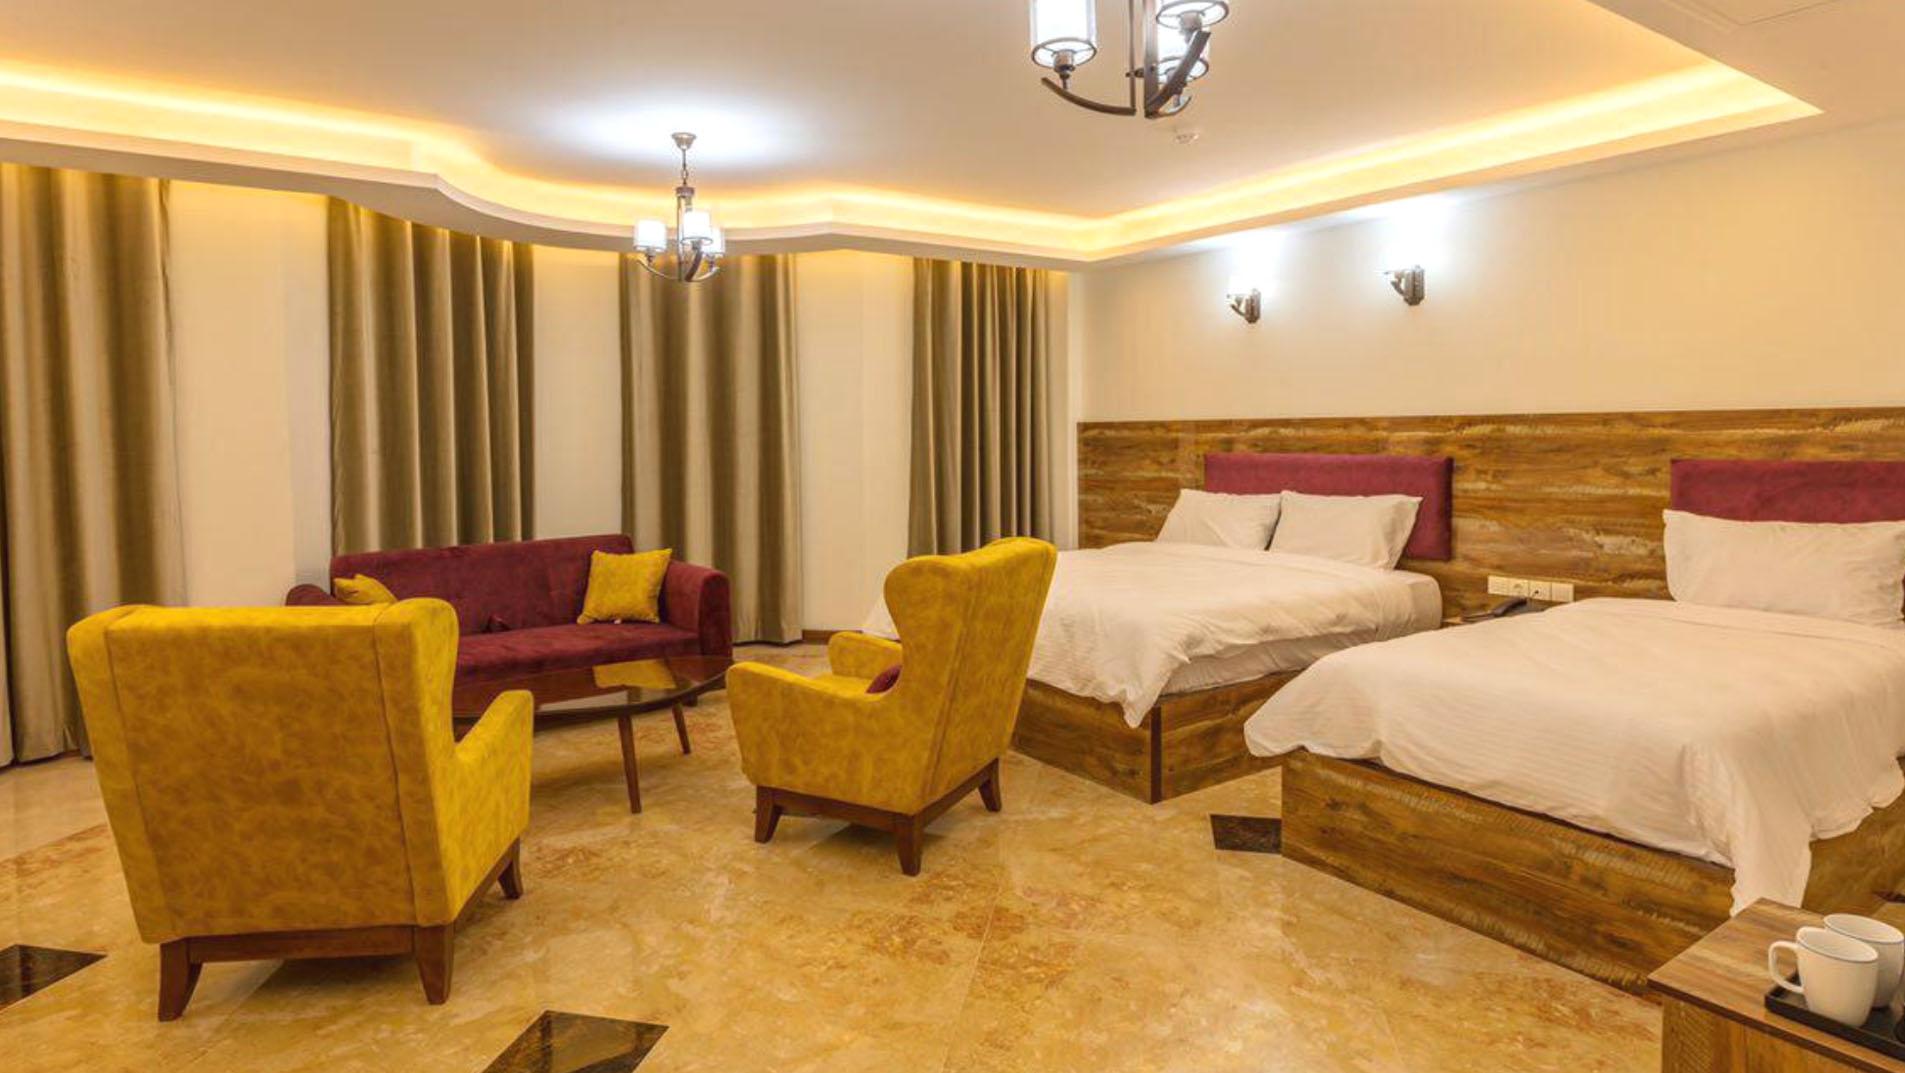 هتل های زنجان ، برای اقامتی آسوده در بهشت کشفنشده توریستها